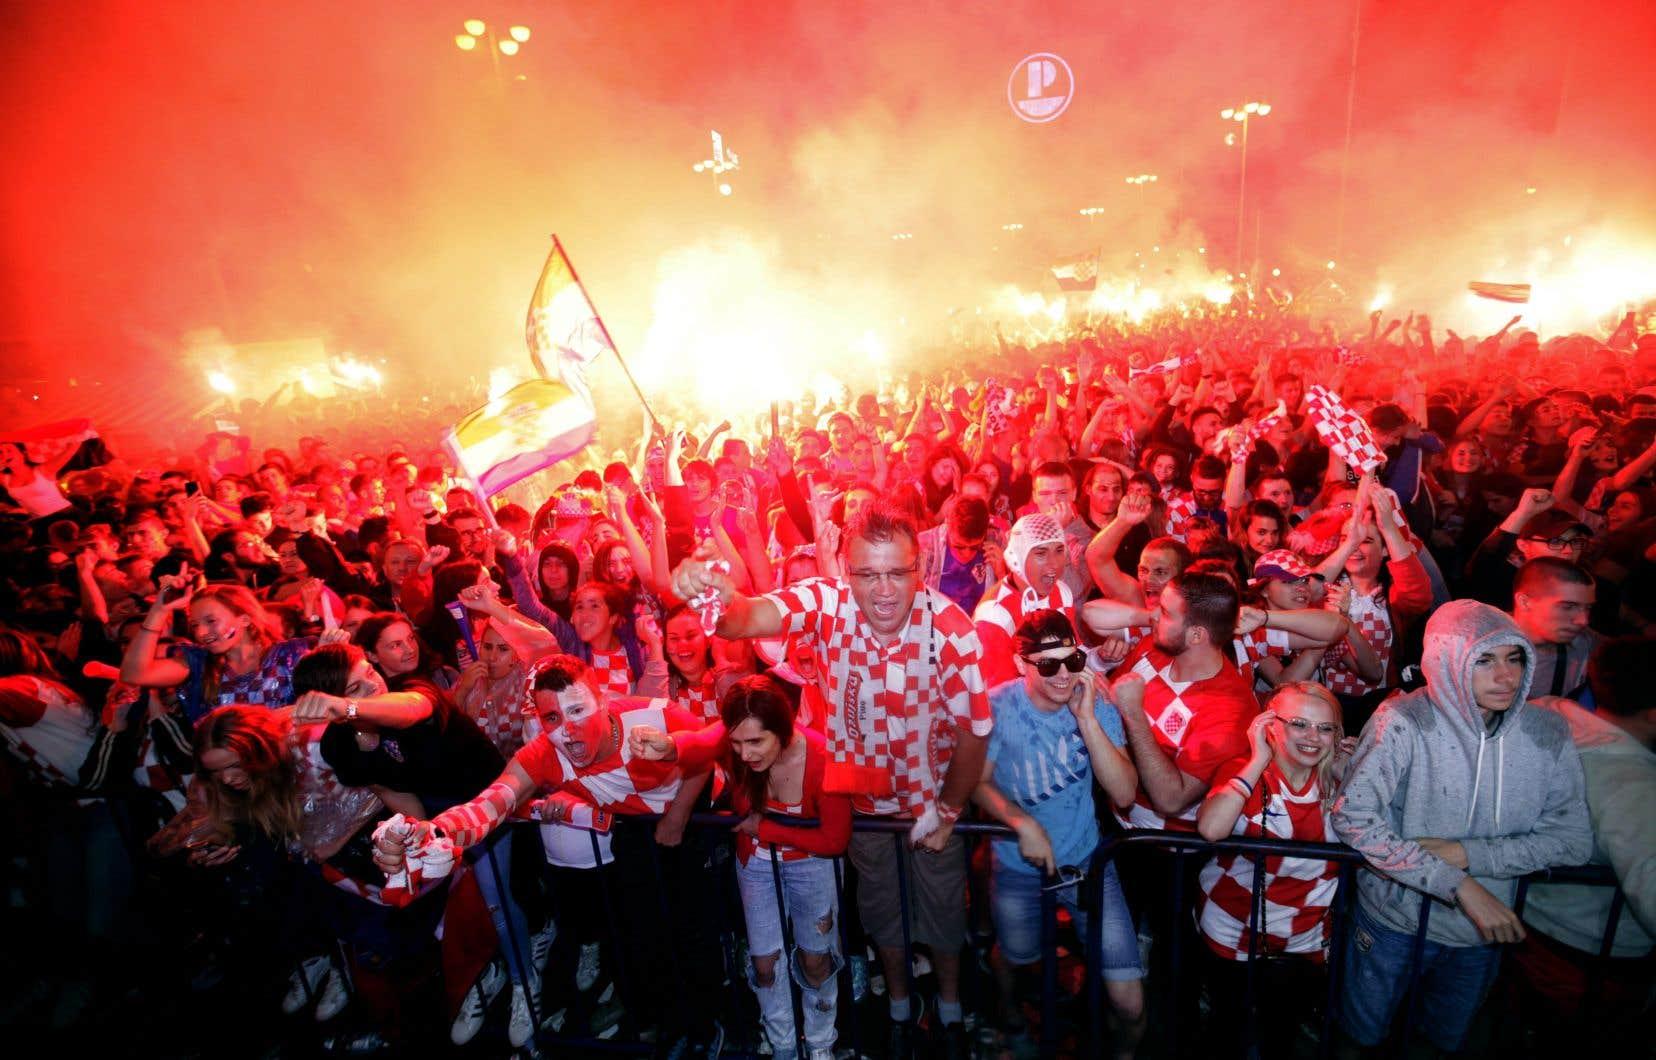 Des milliers de partisans, réunis sur la place centrale de la capitale Zagreb, ont suivi la rencontre sur écran géant mercredi sans être découragés par la pluie.